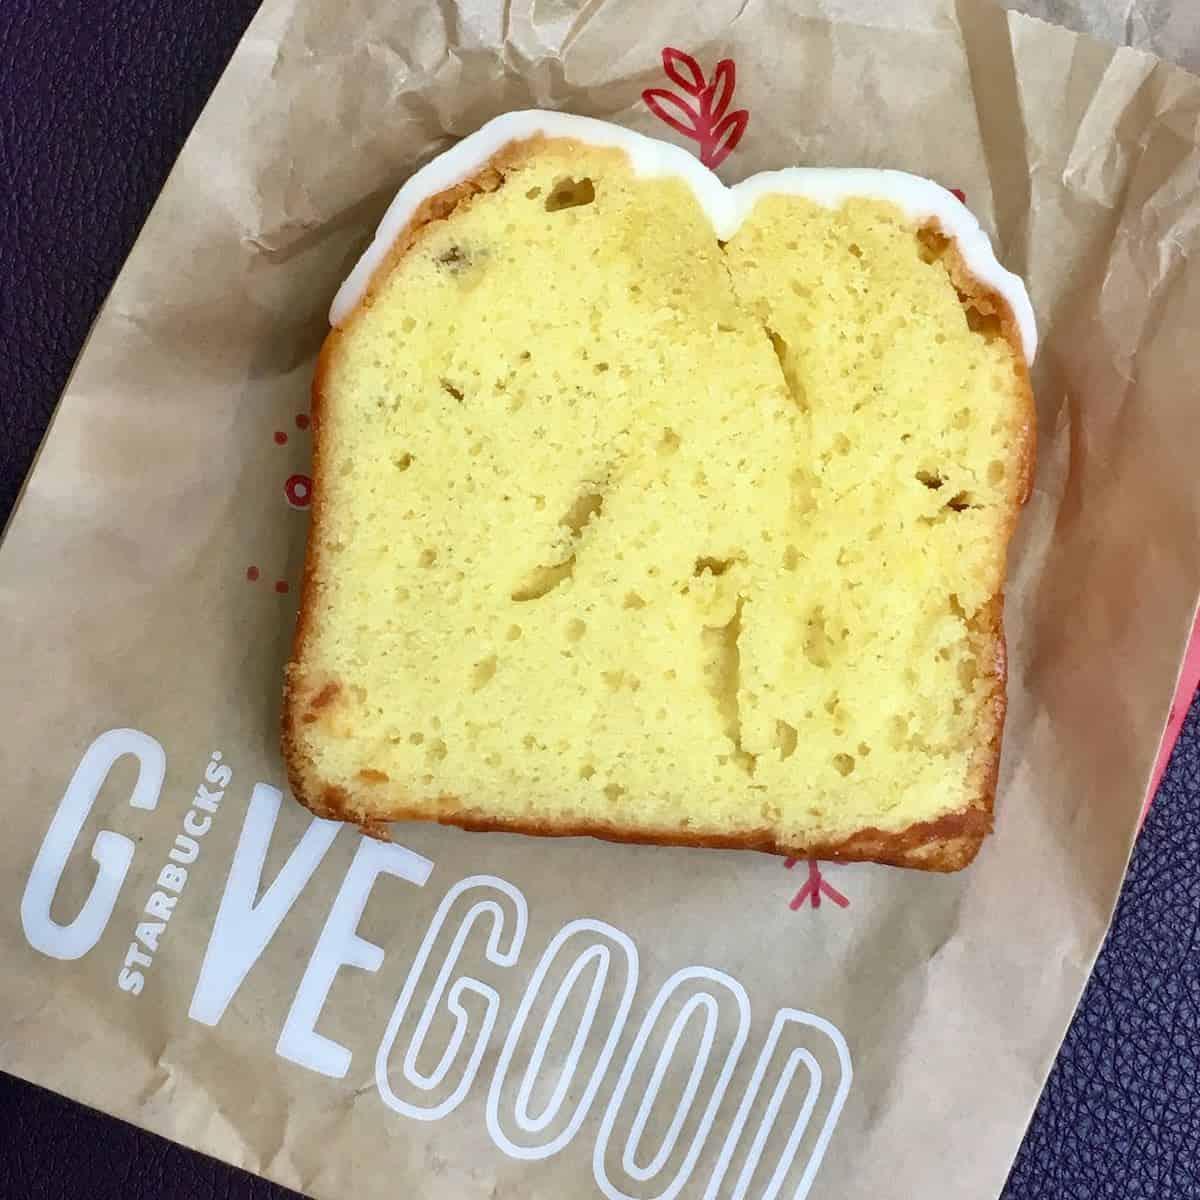 Starbucks lemon cake slice